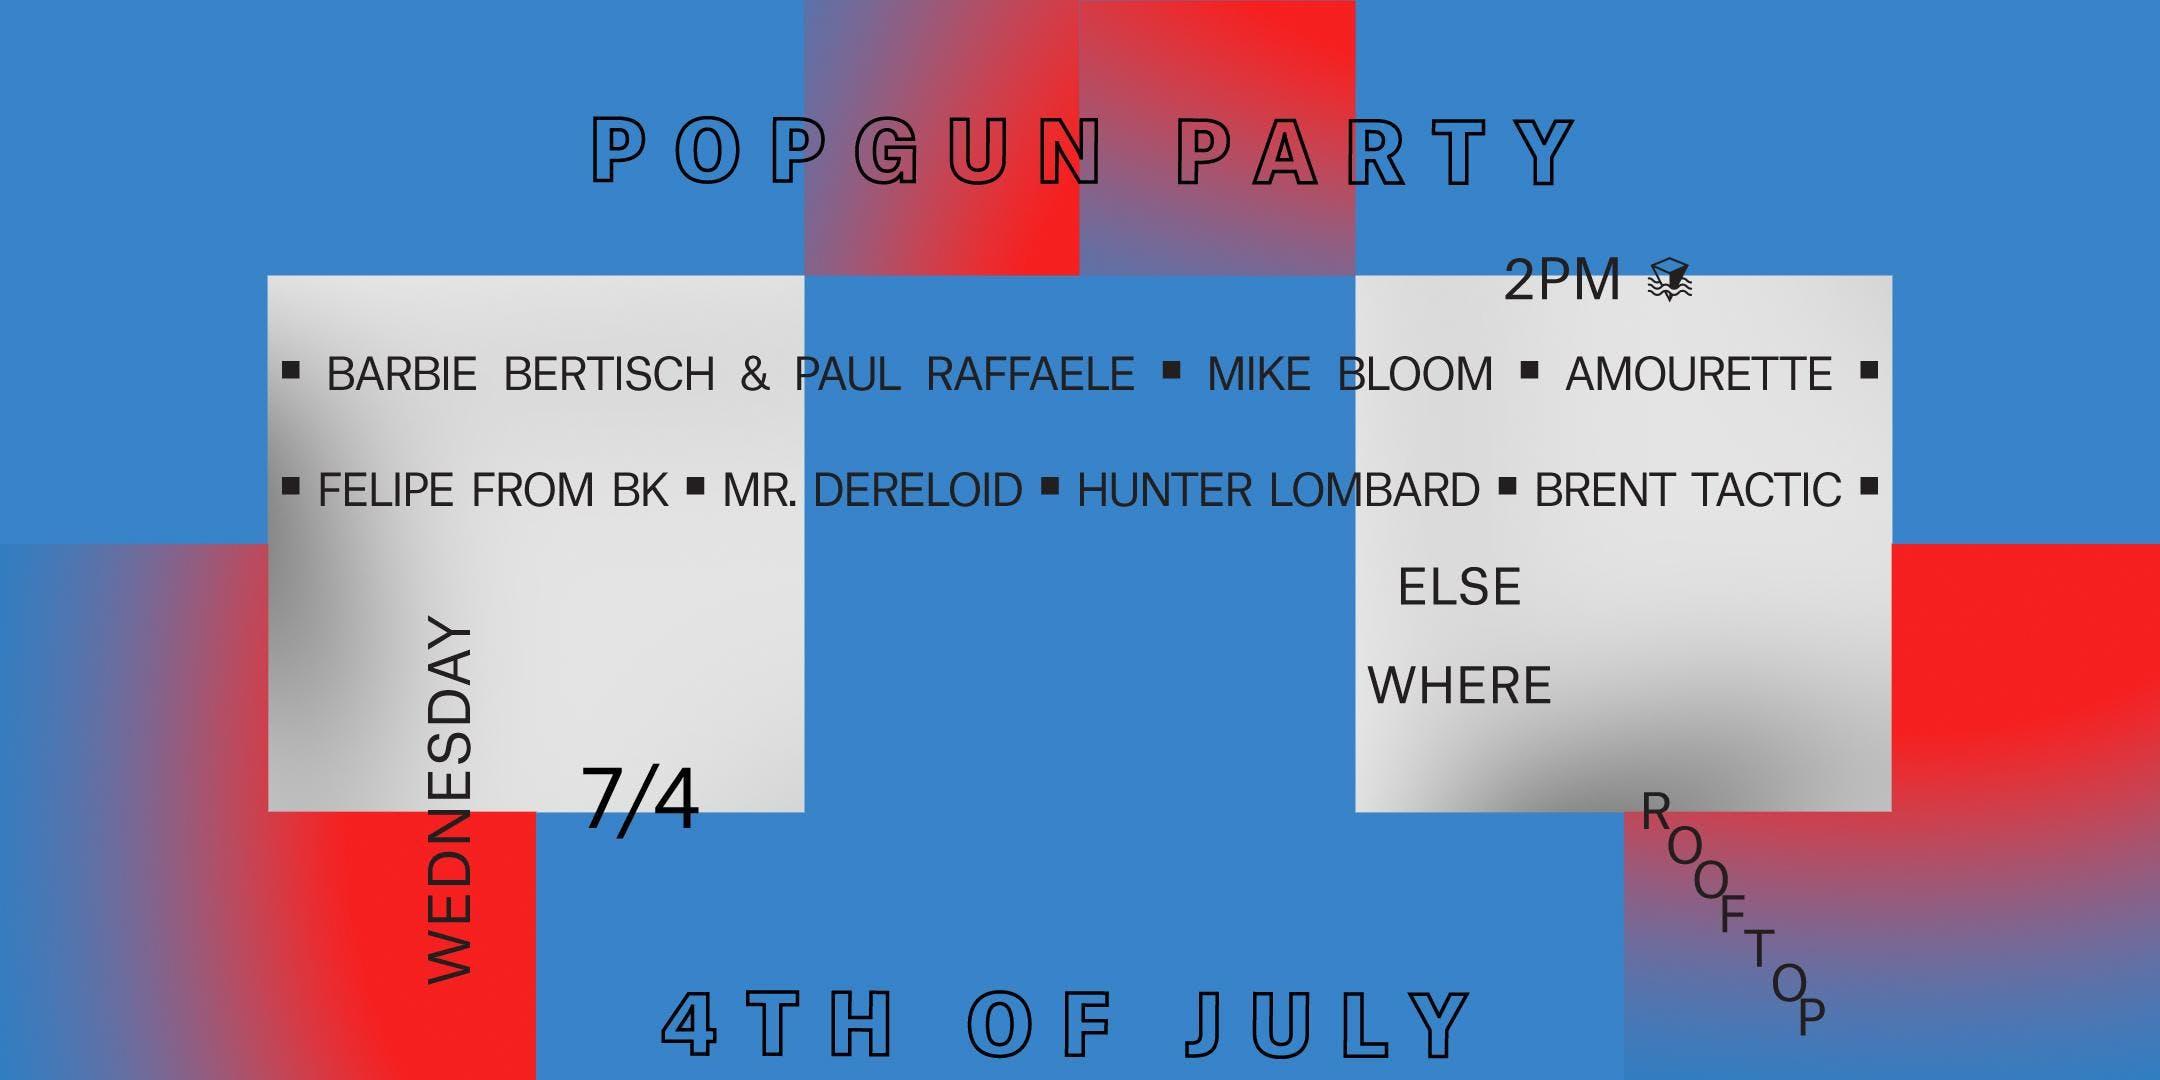 PopGun 4th of July Party w/ Barbie Bertisch & Paul Raffaele, Mike Bloom, Brent Tactic, Hunter Lombard, Mr. Dereloid, Felipe From BK & Amourette